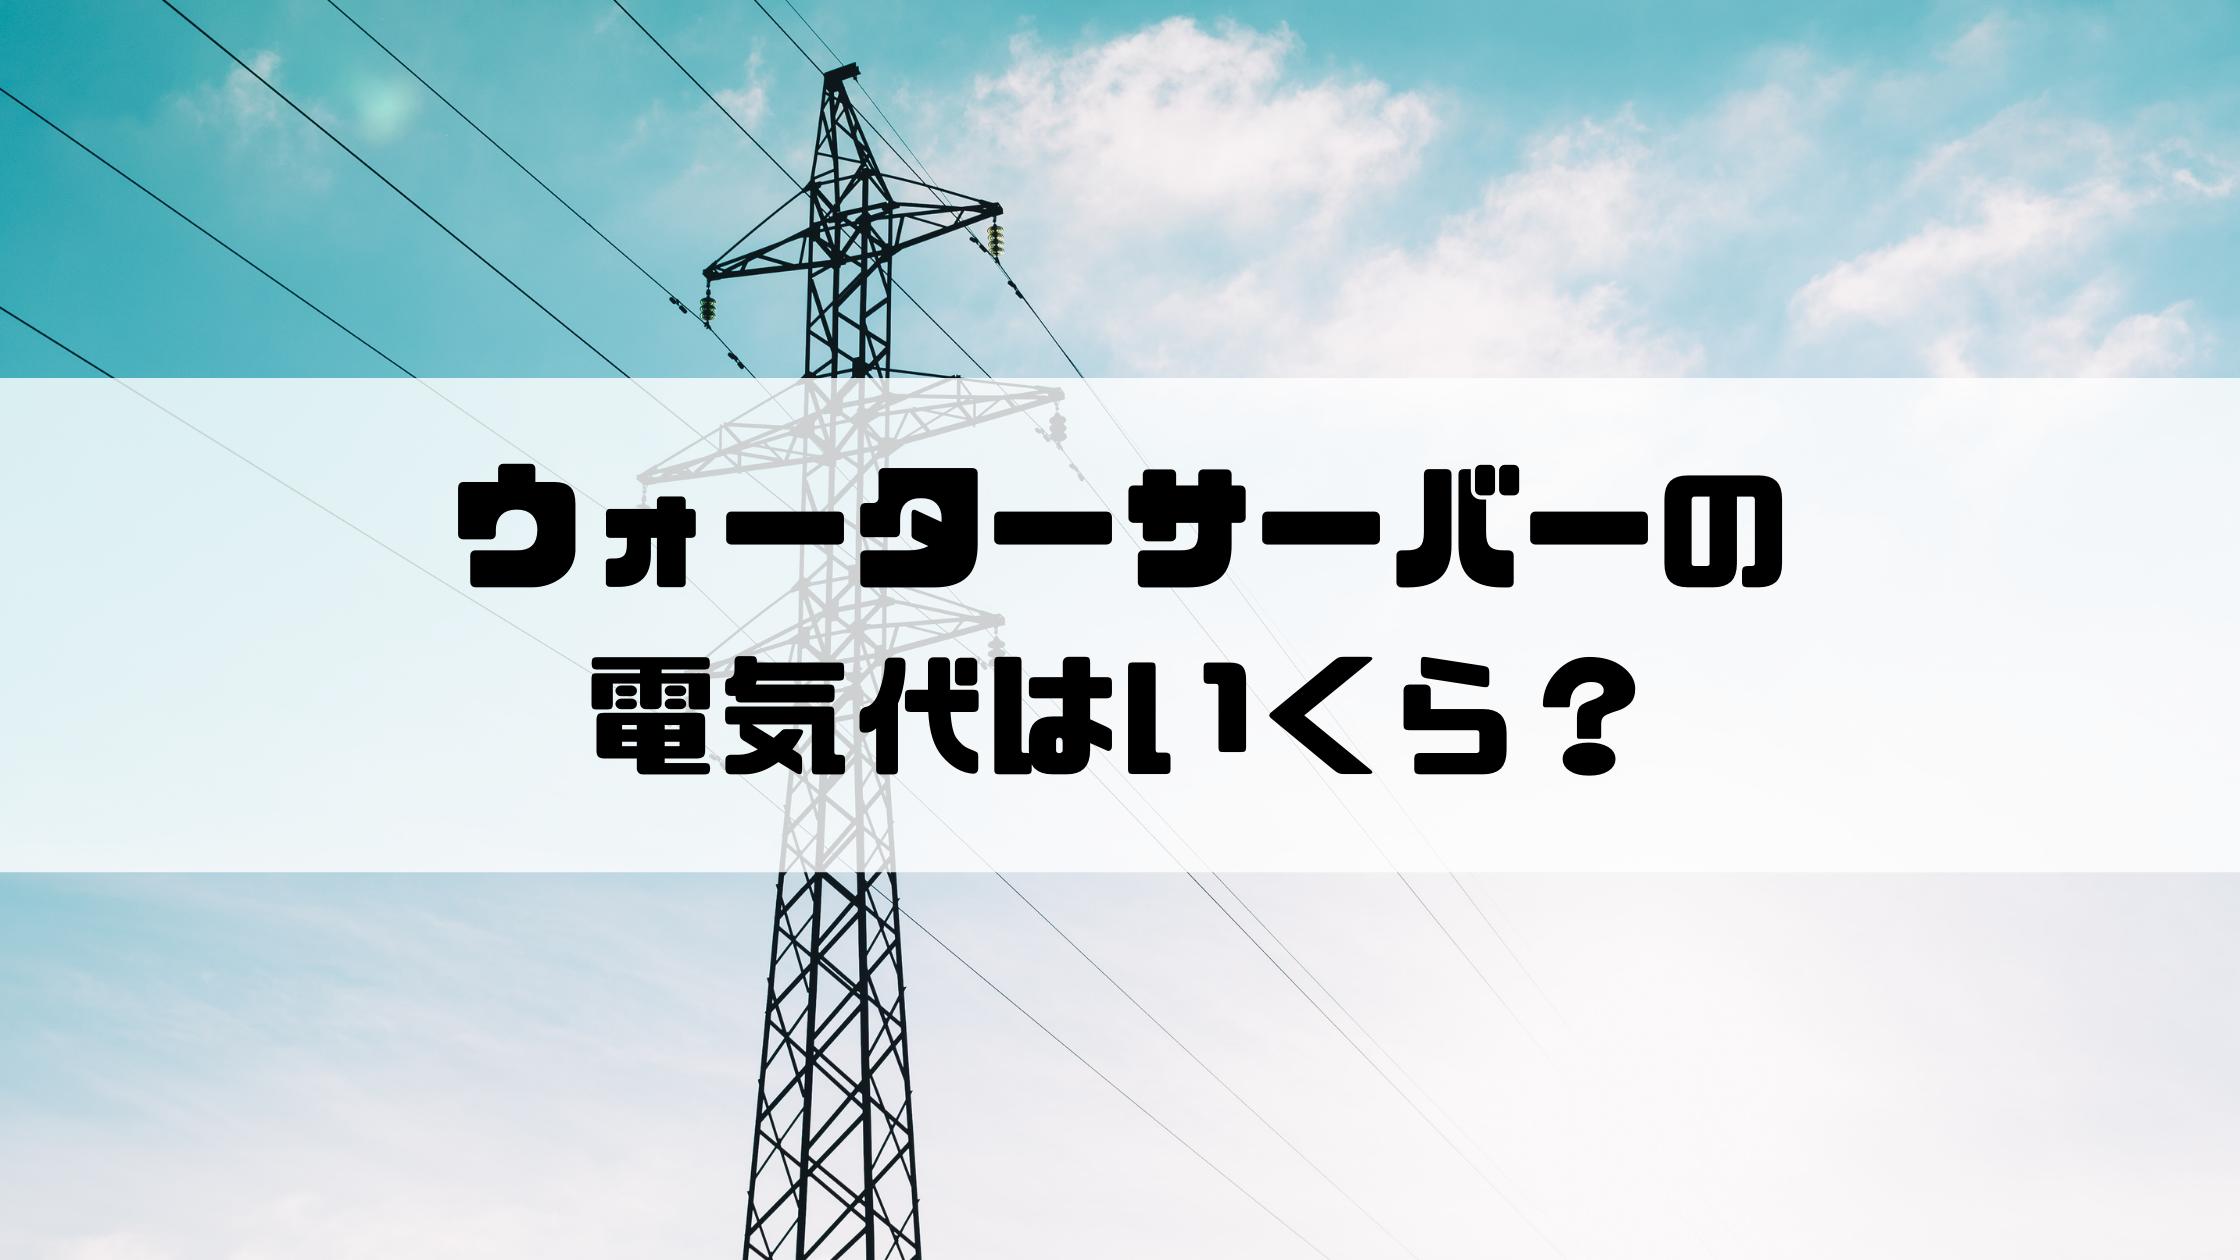 ウォーターサーバーの電気代はいくら?|11社の比較や節約術を紹介